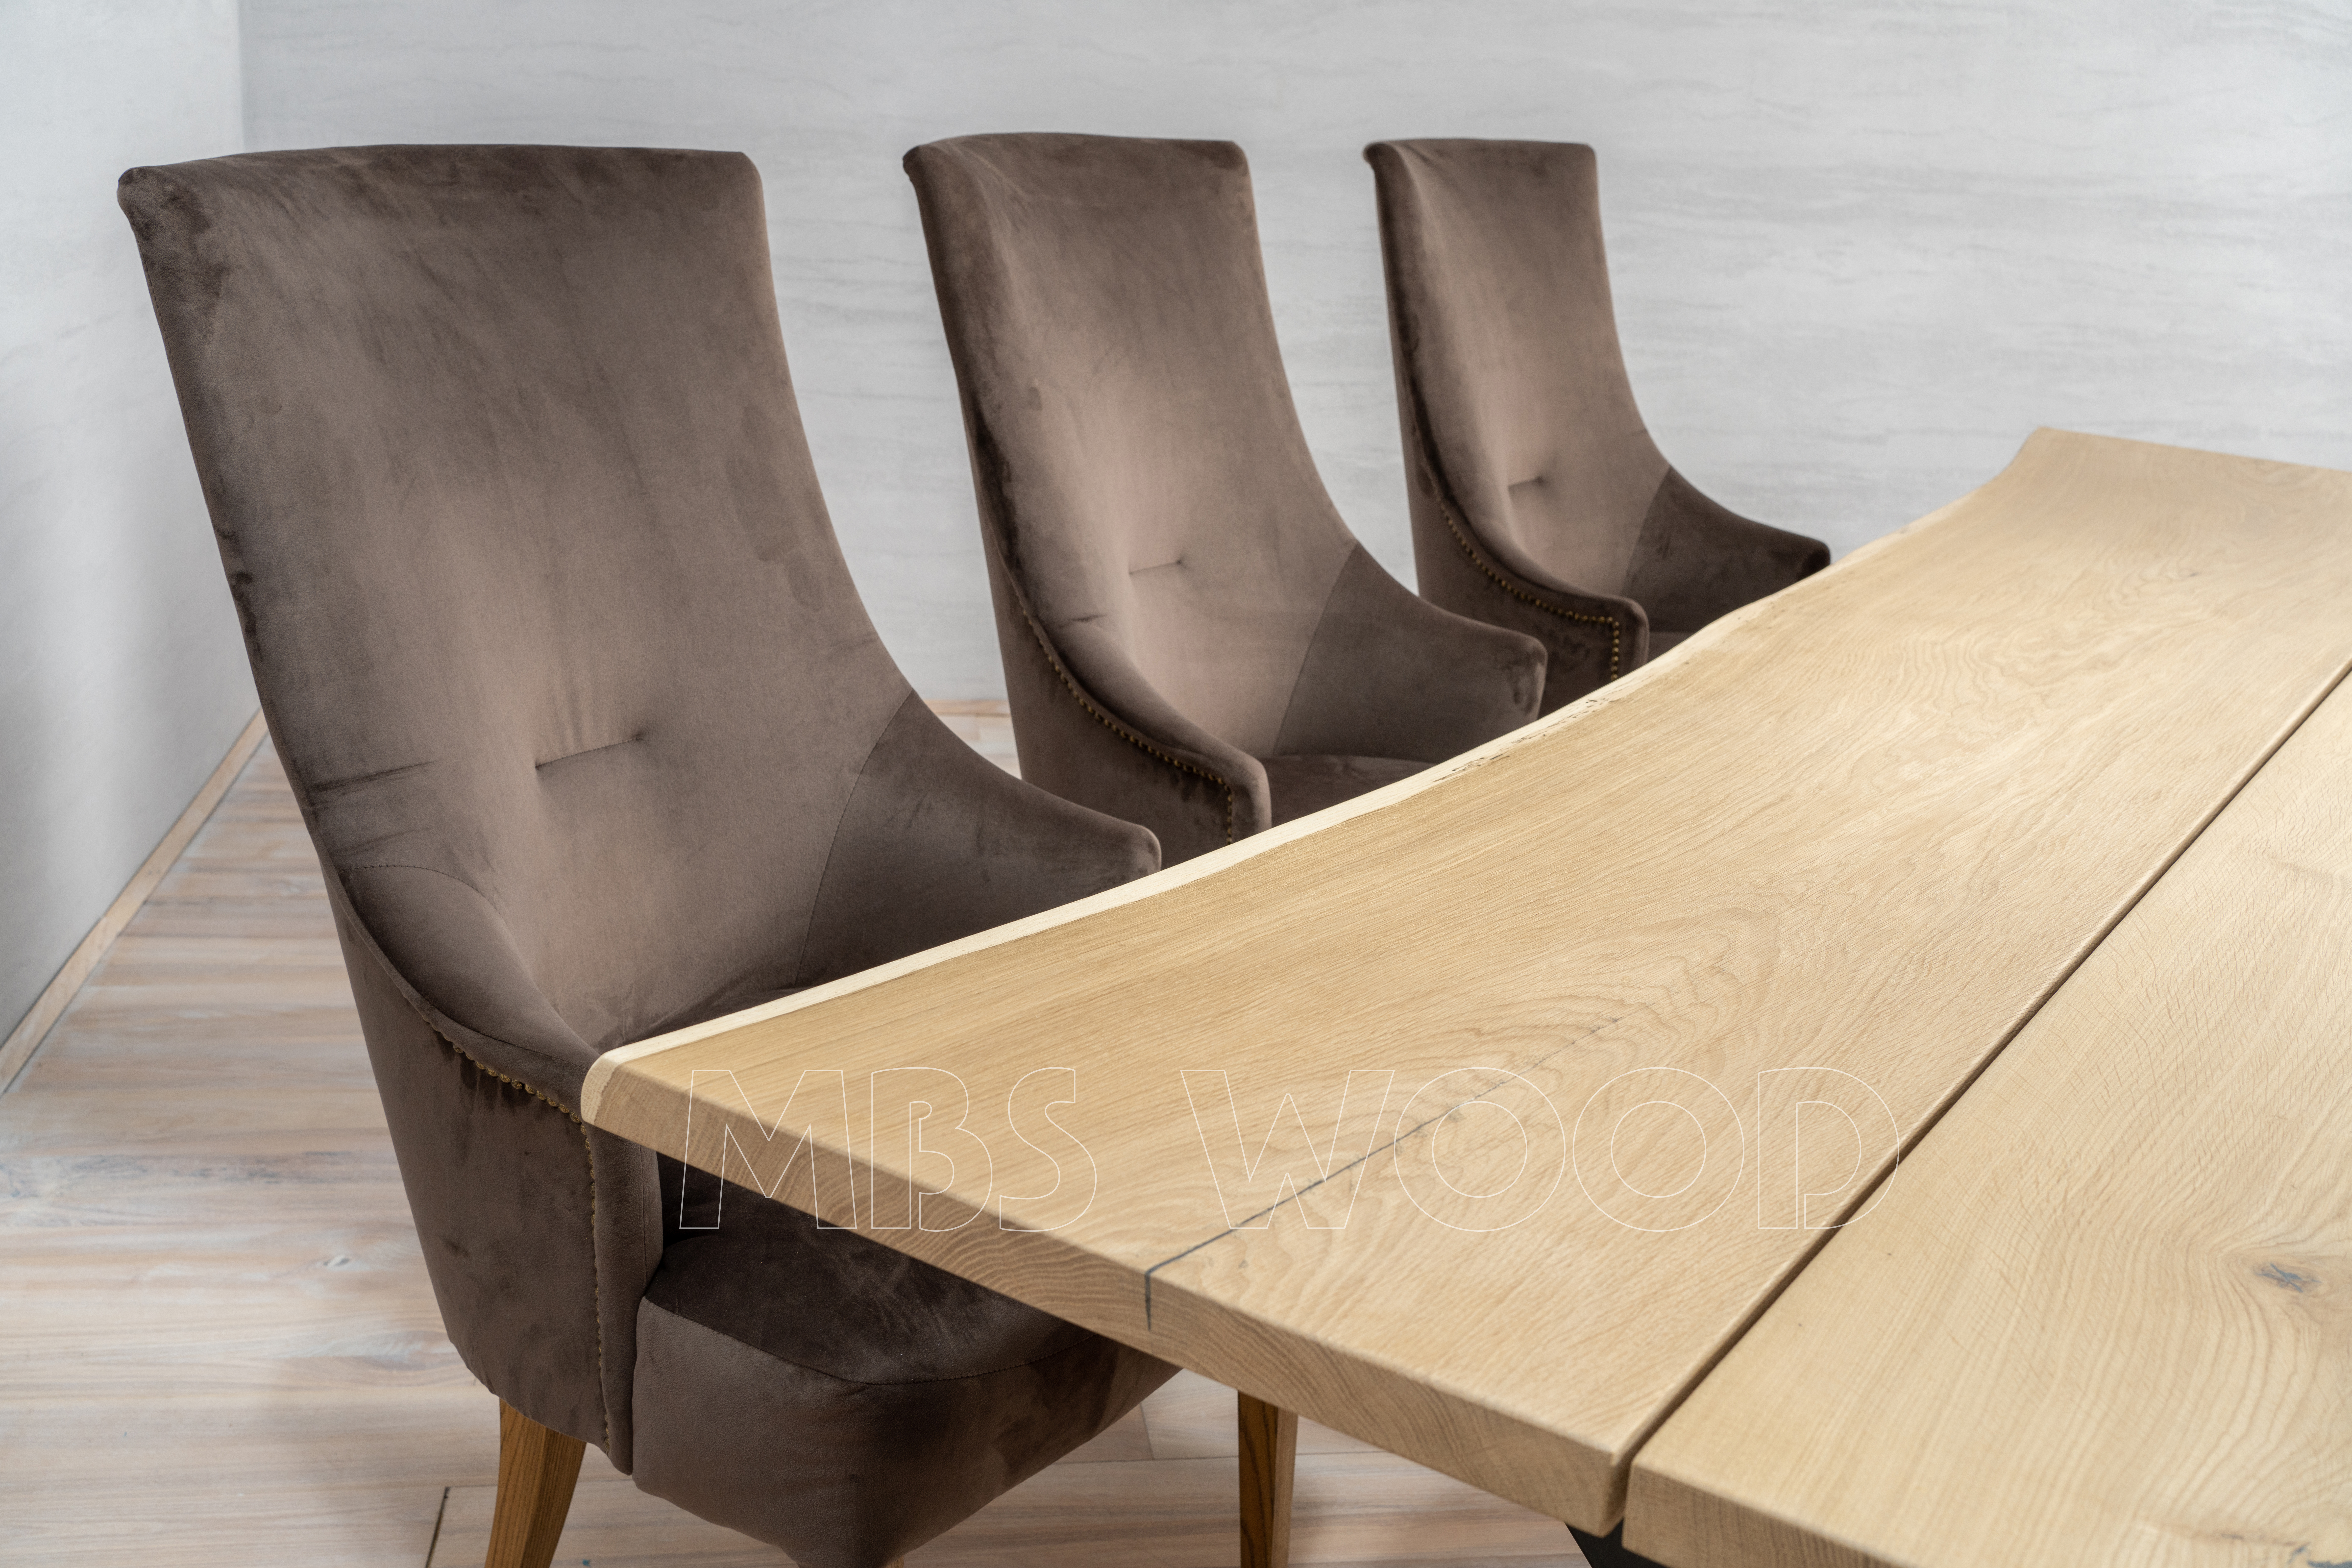 Oak Tabletop 2 planks